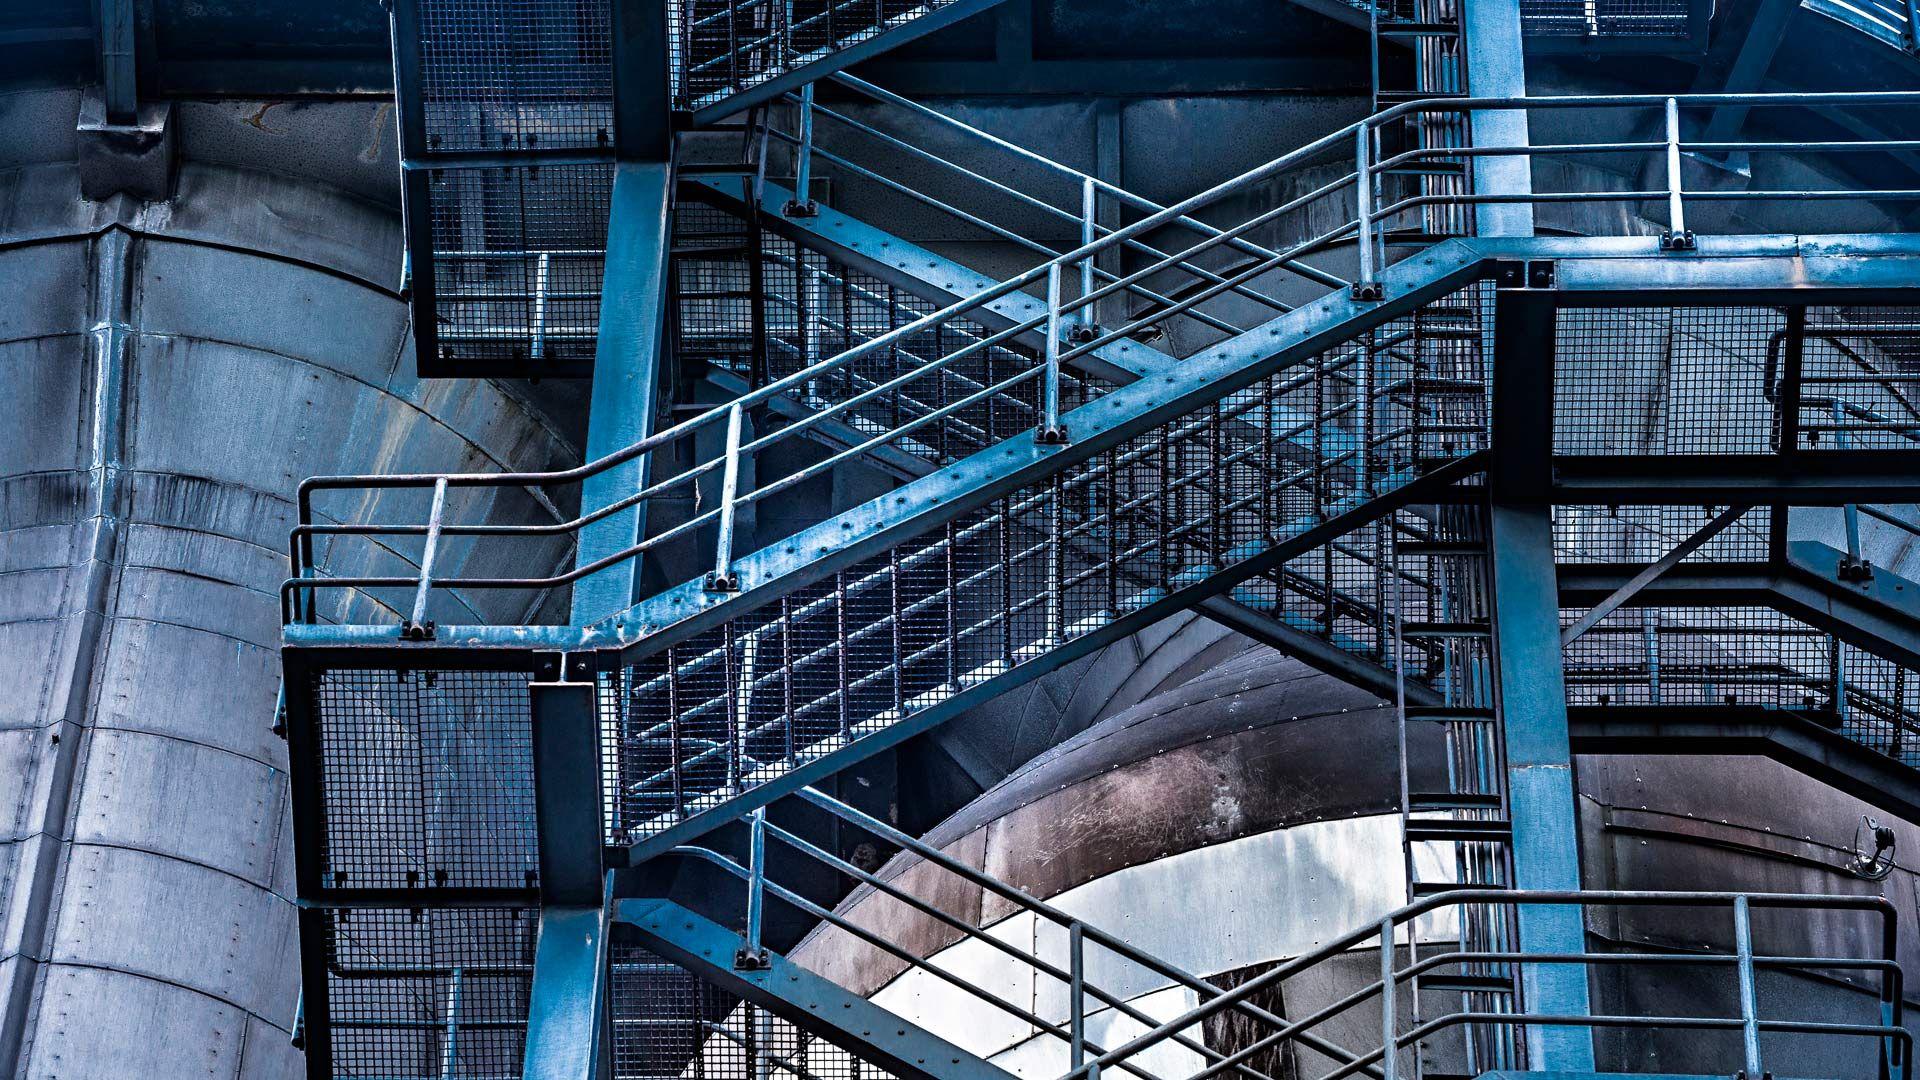 bmw лестница здание онлайн